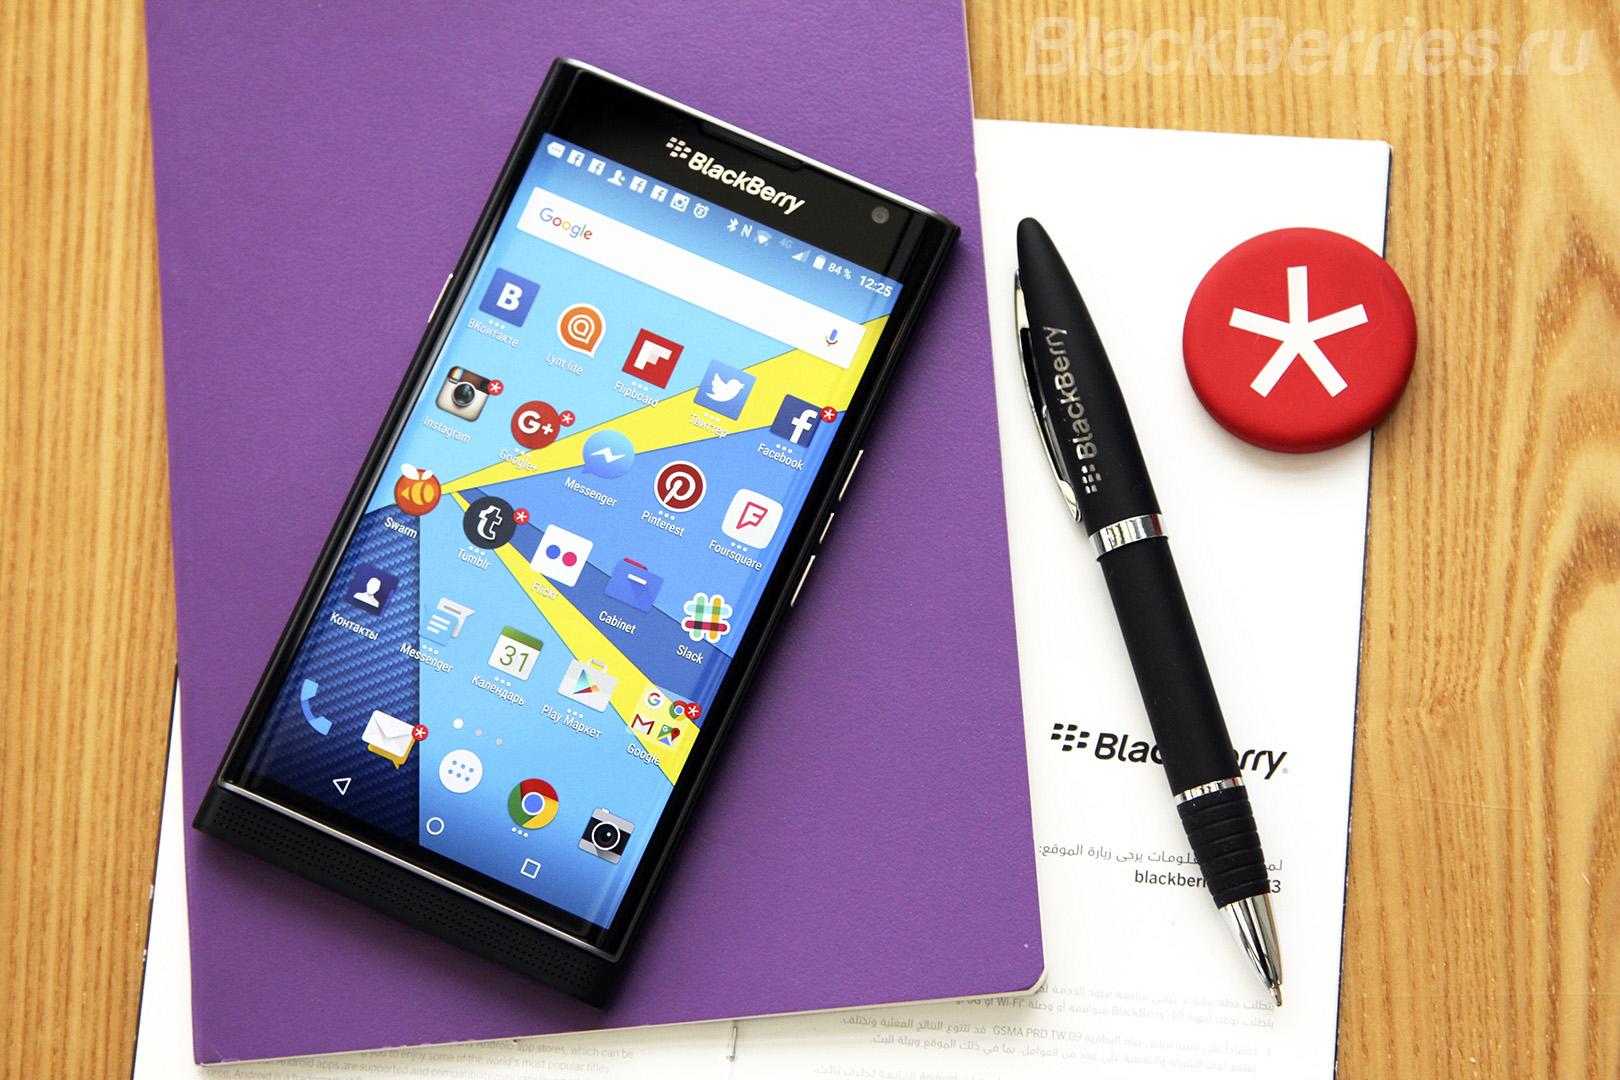 BlackBerry-Apps-21-11-24